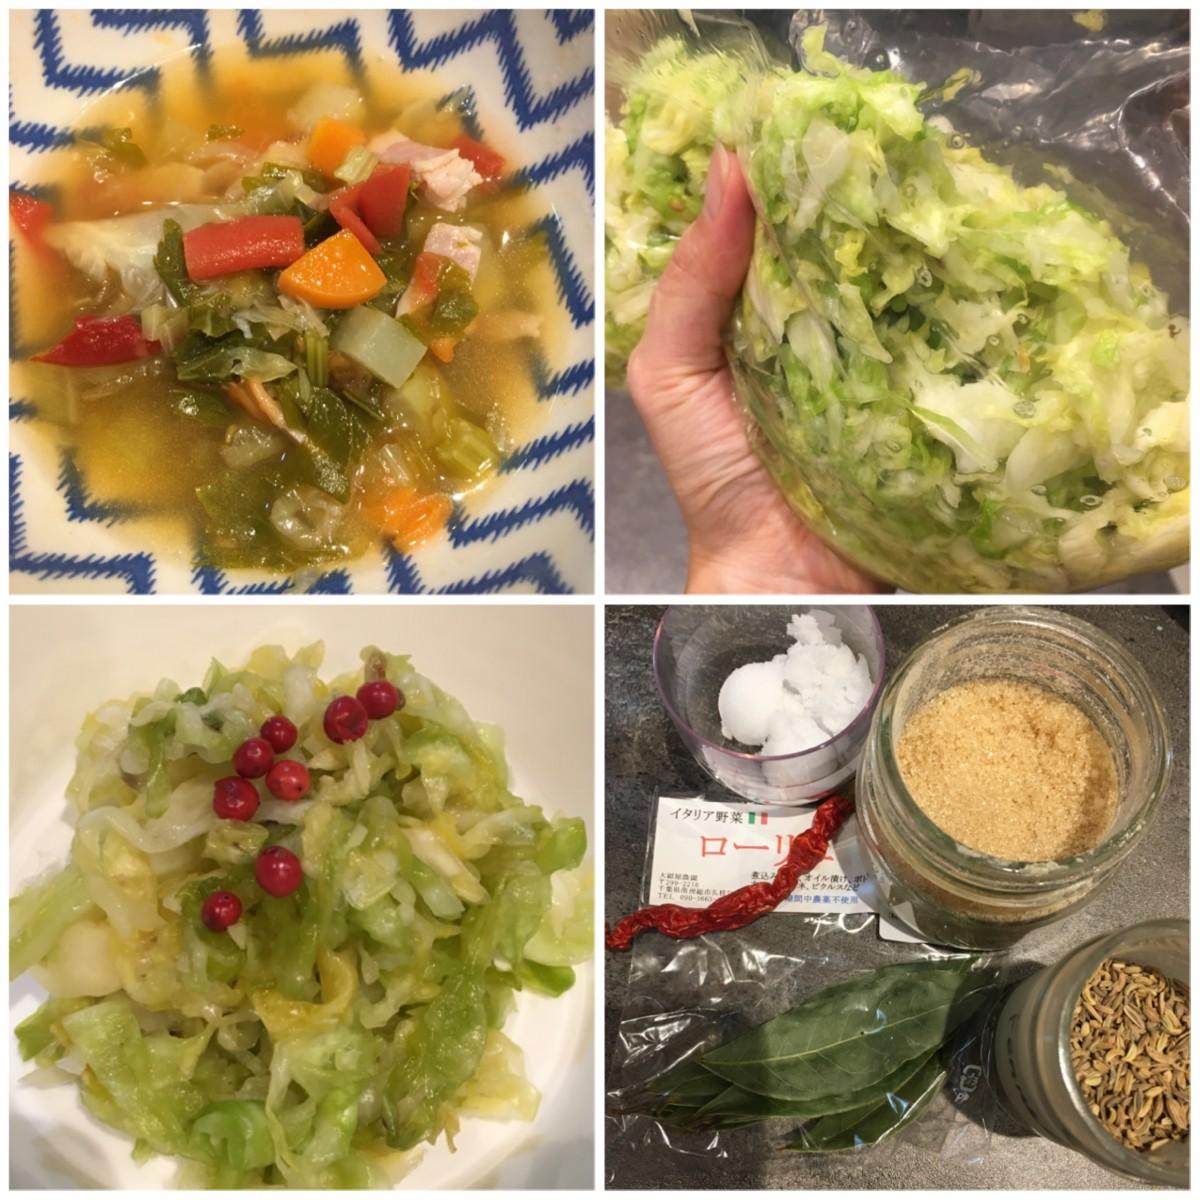 ダイエットにも!?話題の乳酸キャベツ!簡単な作り方とアレンジレシピ!